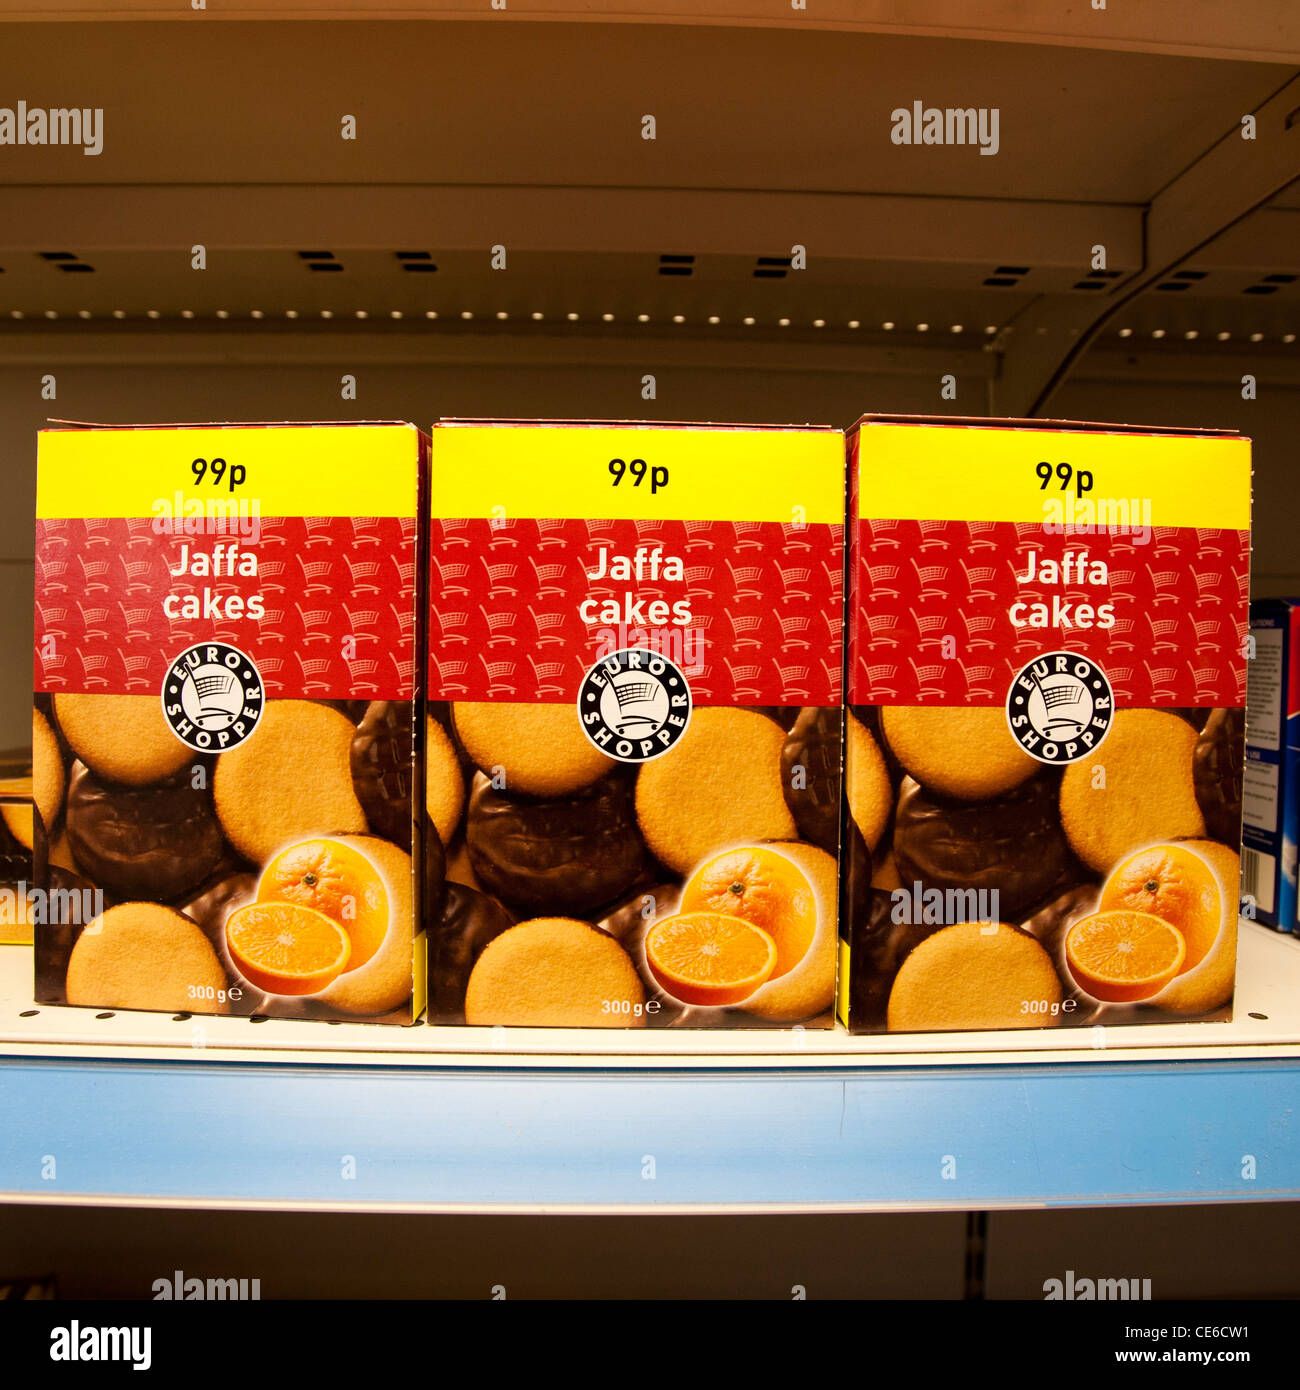 Des paquets de 99p de marque bon marché générique pwn gâteaux Jaffa en vente dans un corner Photo Stock